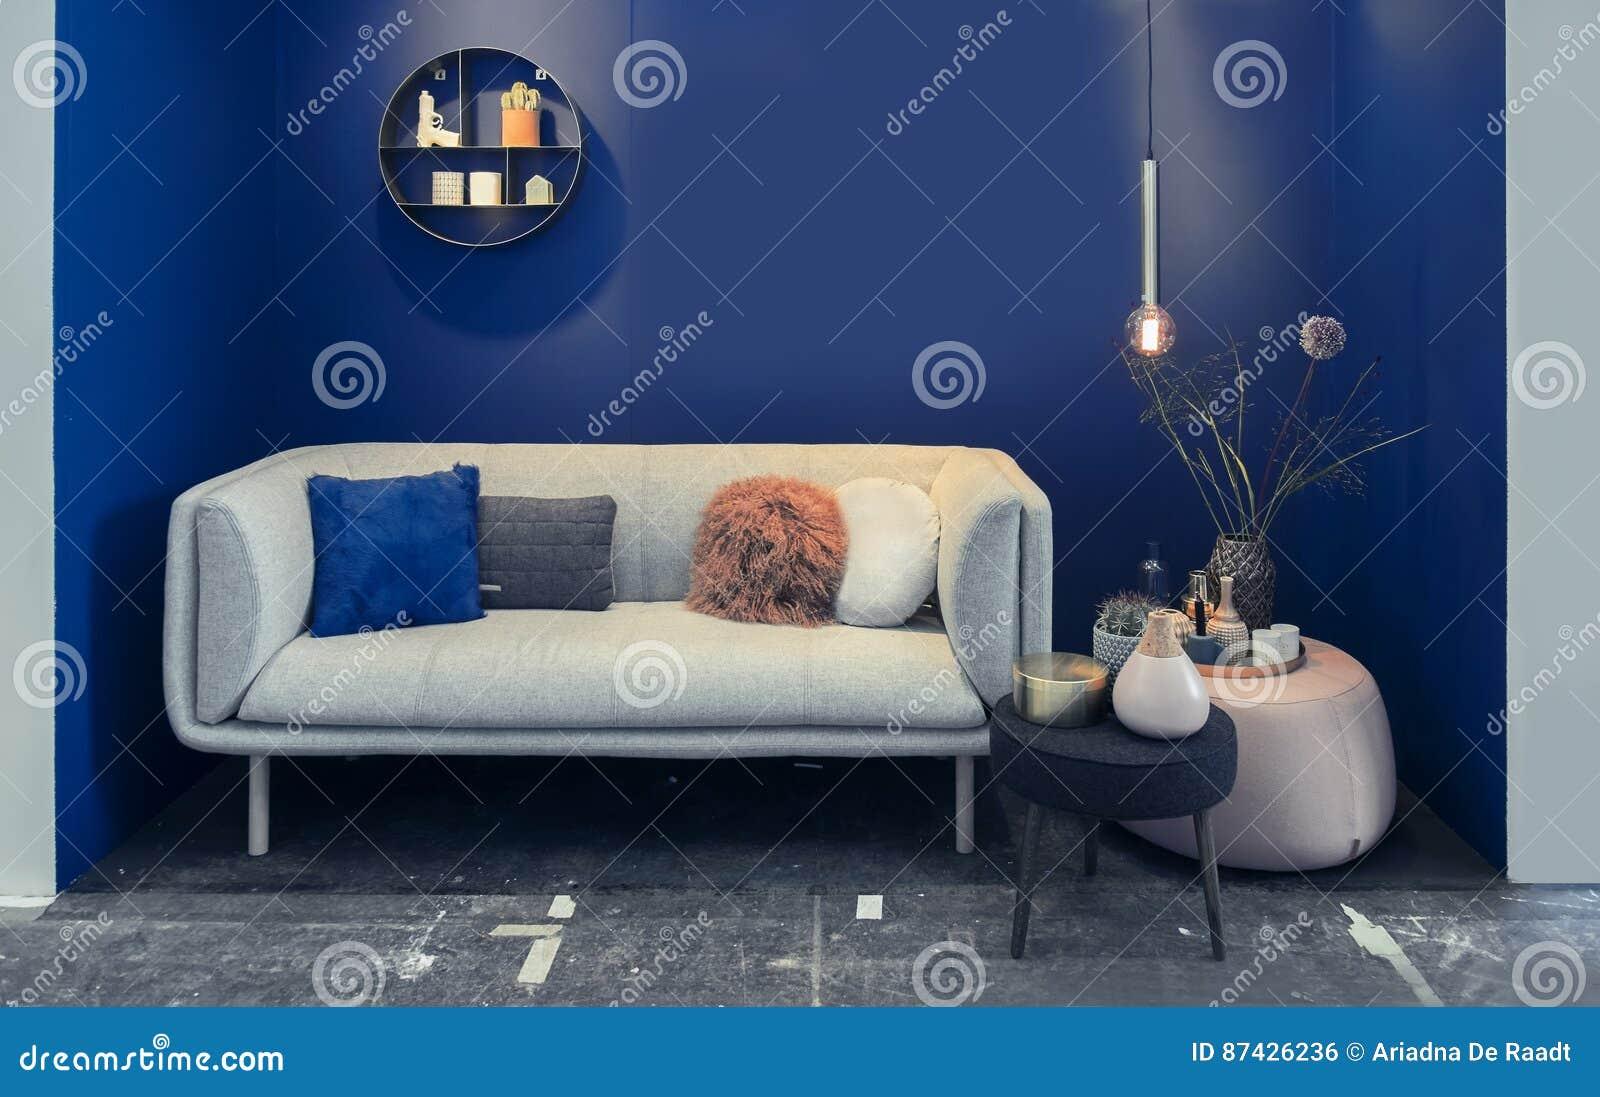 Detalle de los muebles interiores caseros